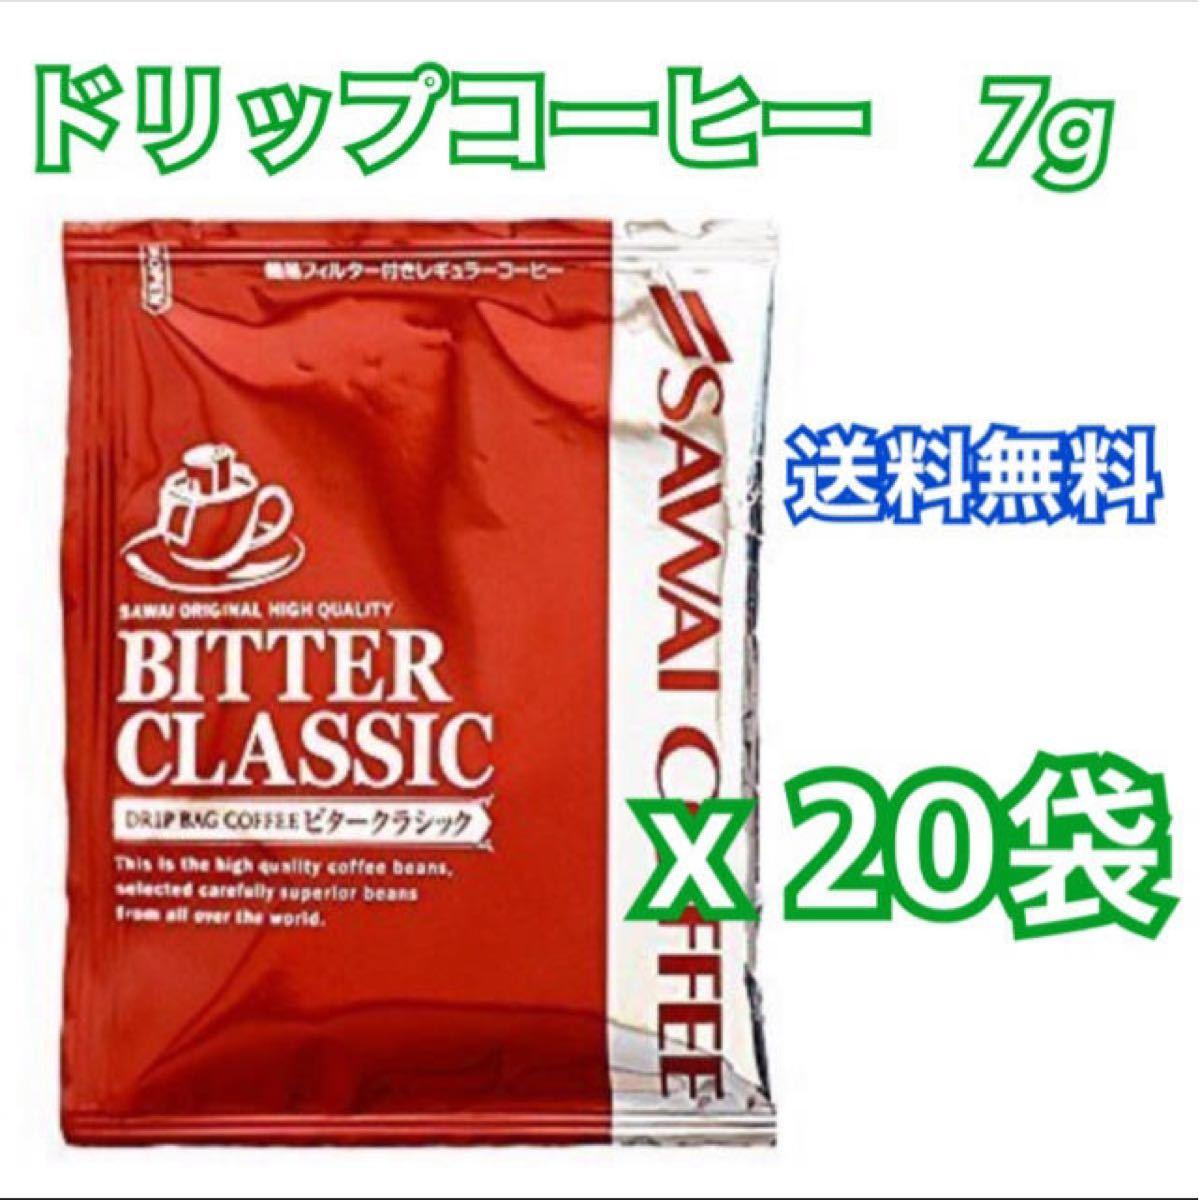 ドリップバッグコーヒー (澤井珈琲) 7g x 20袋